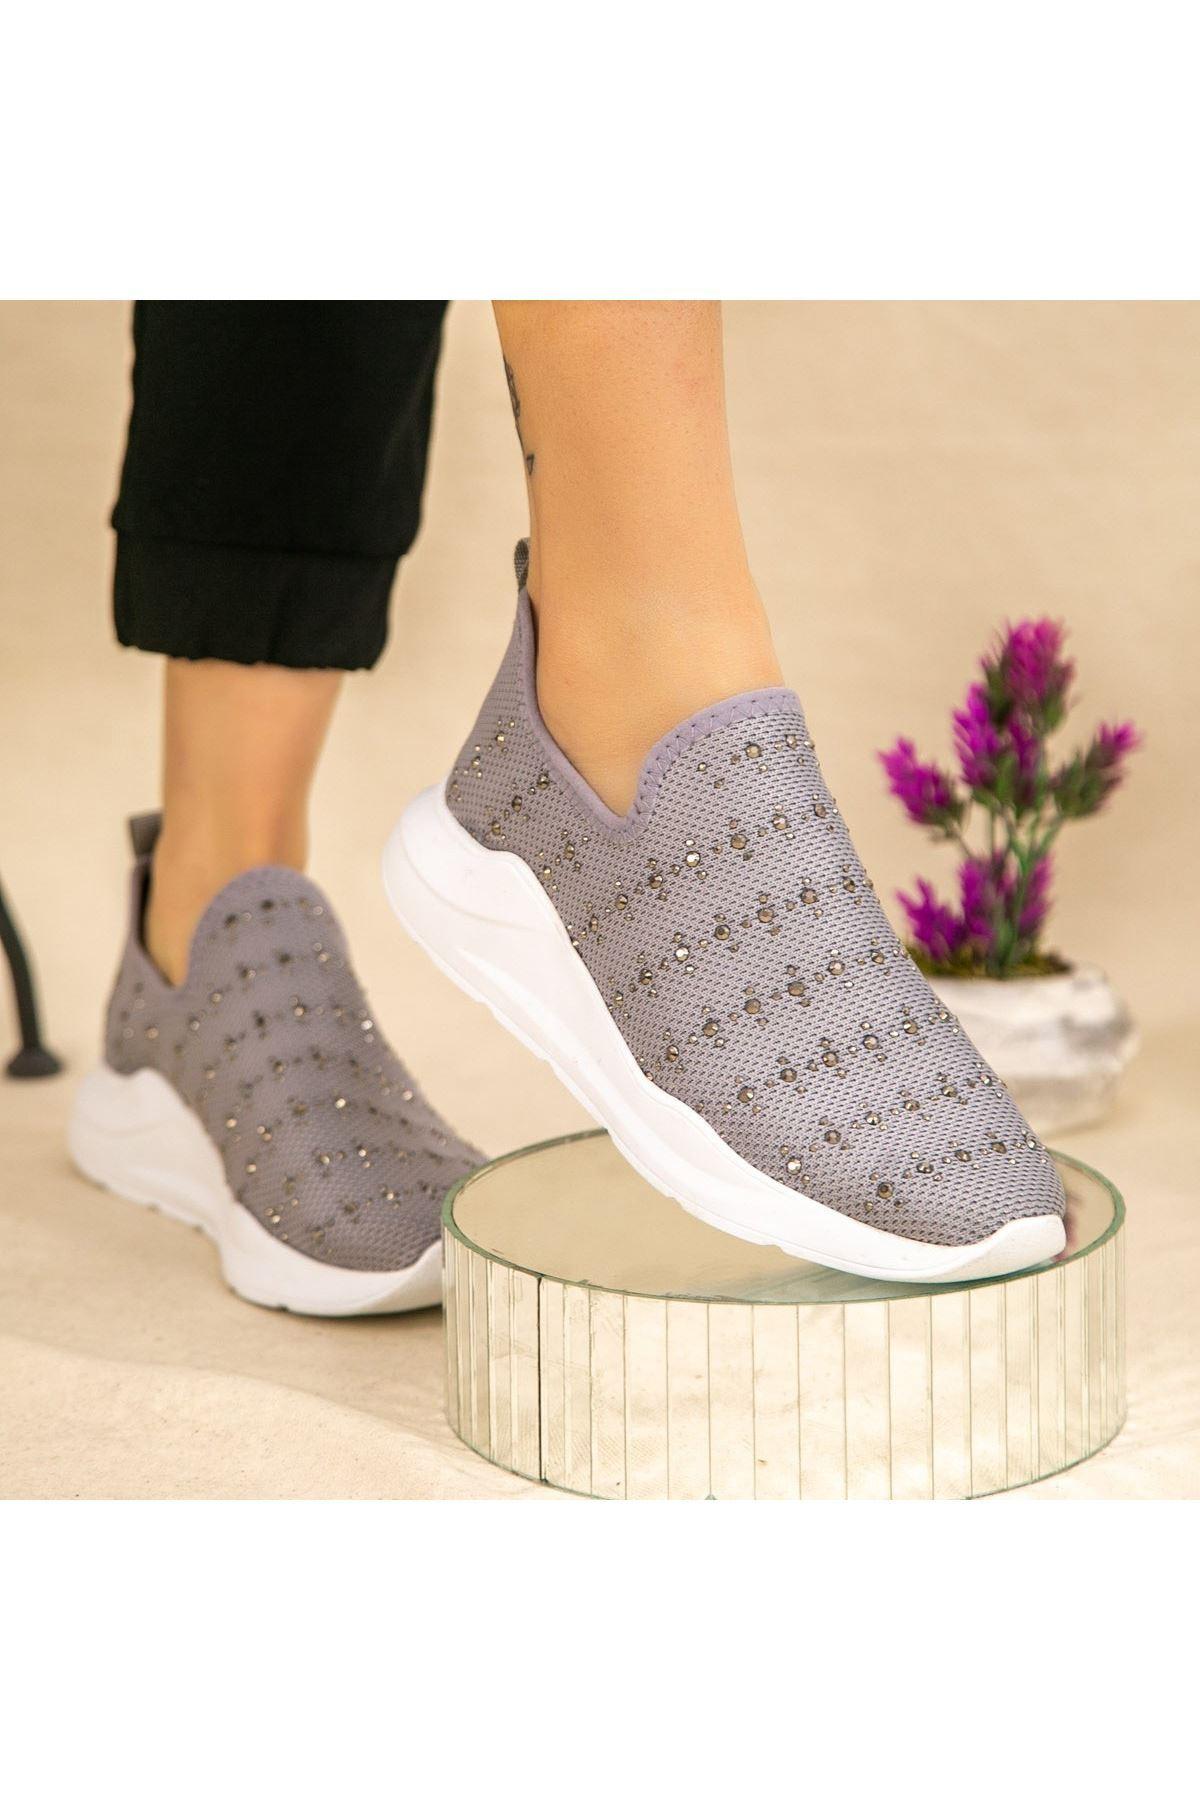 Ejox Gri Boncuk İşlemeli Spor Ayakkabı